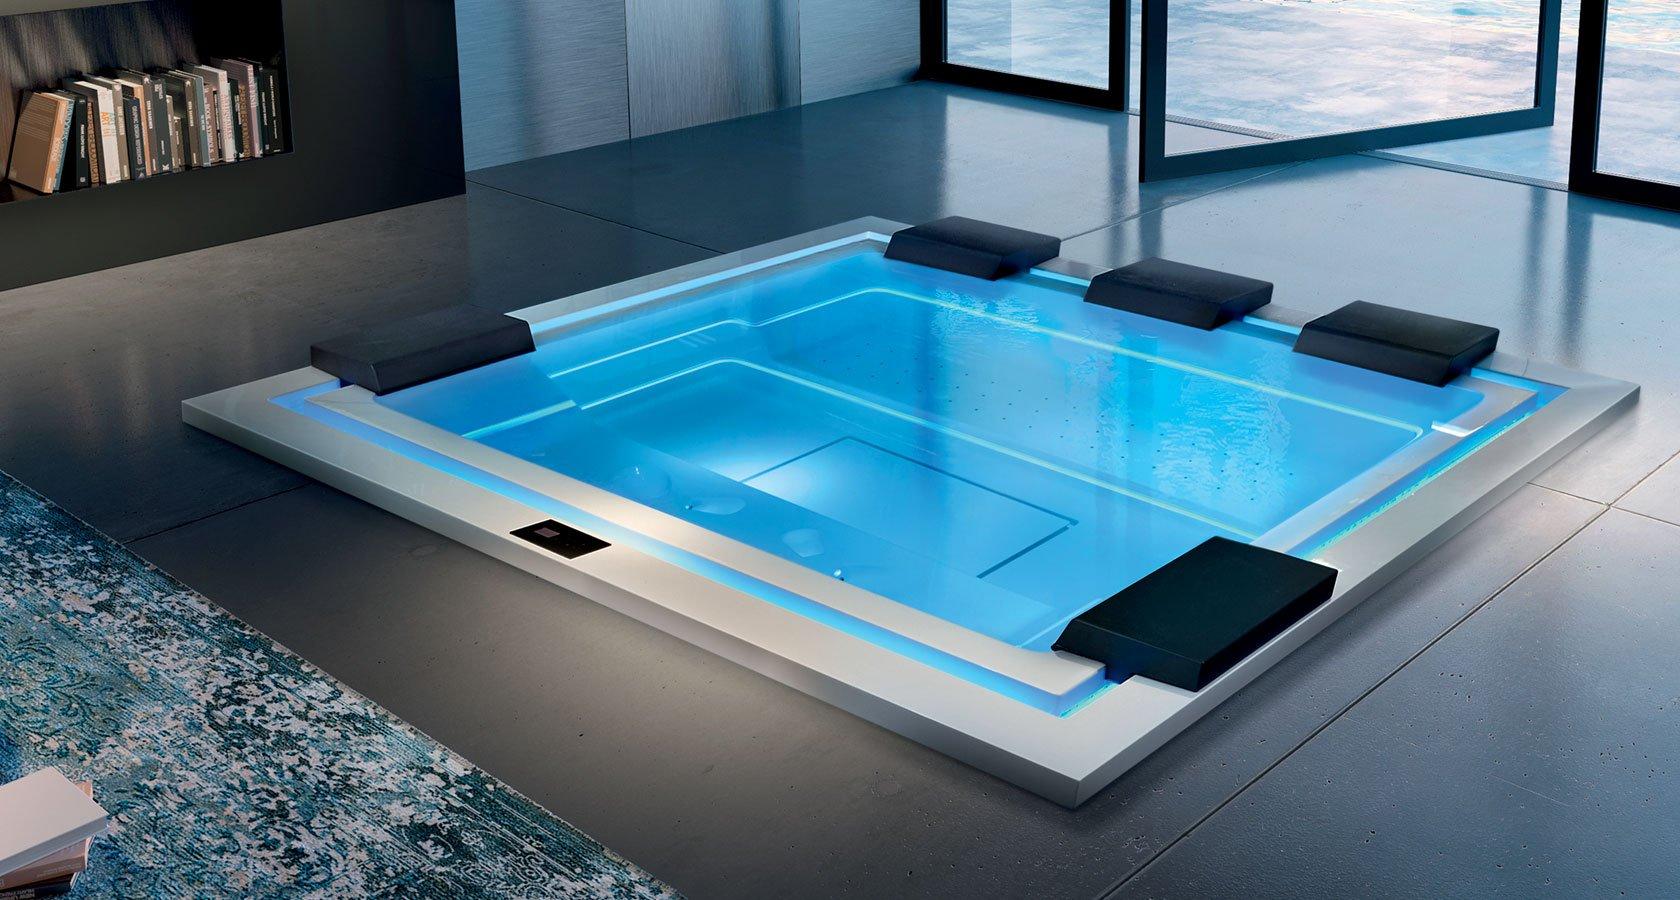 Vasche a incasso o free standing isole di benessere - Vasca da bagno piscina ...